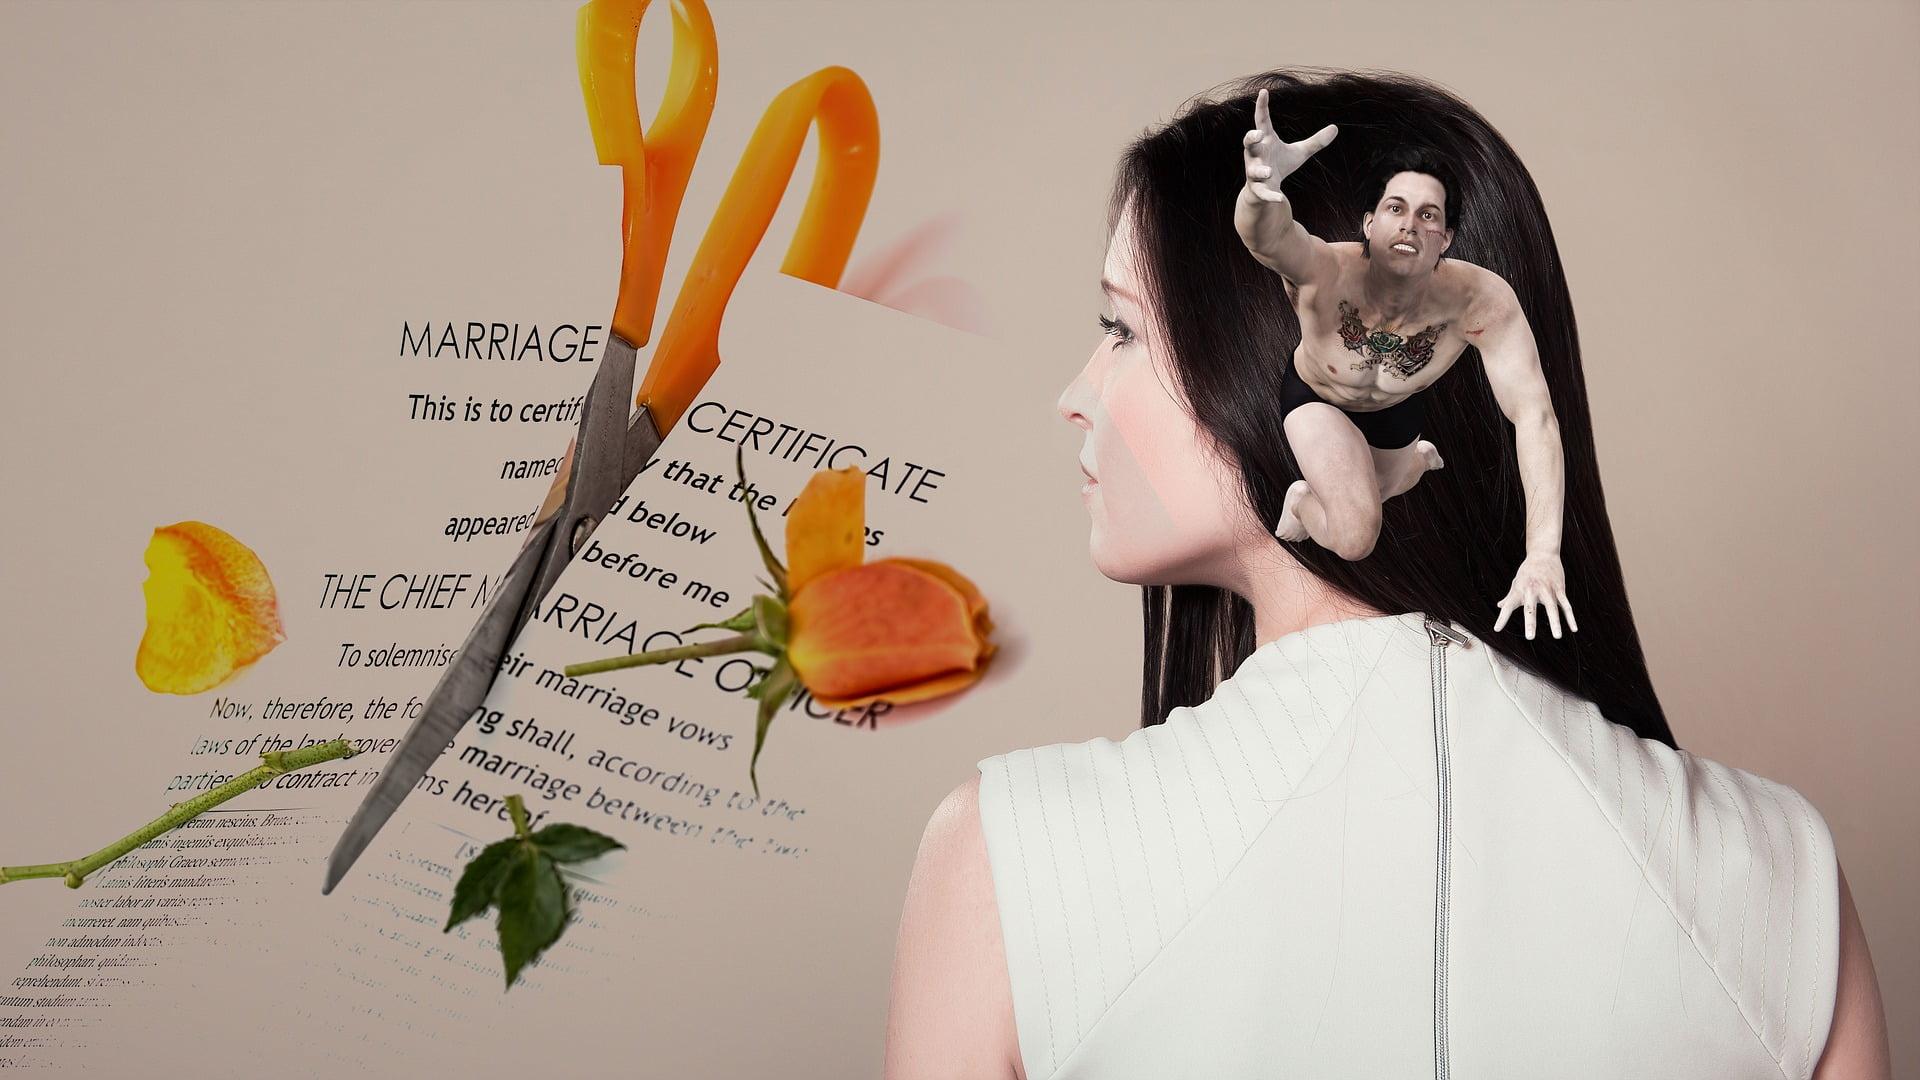 De ce femeile inițiază divorțul? pentru că este necesar!